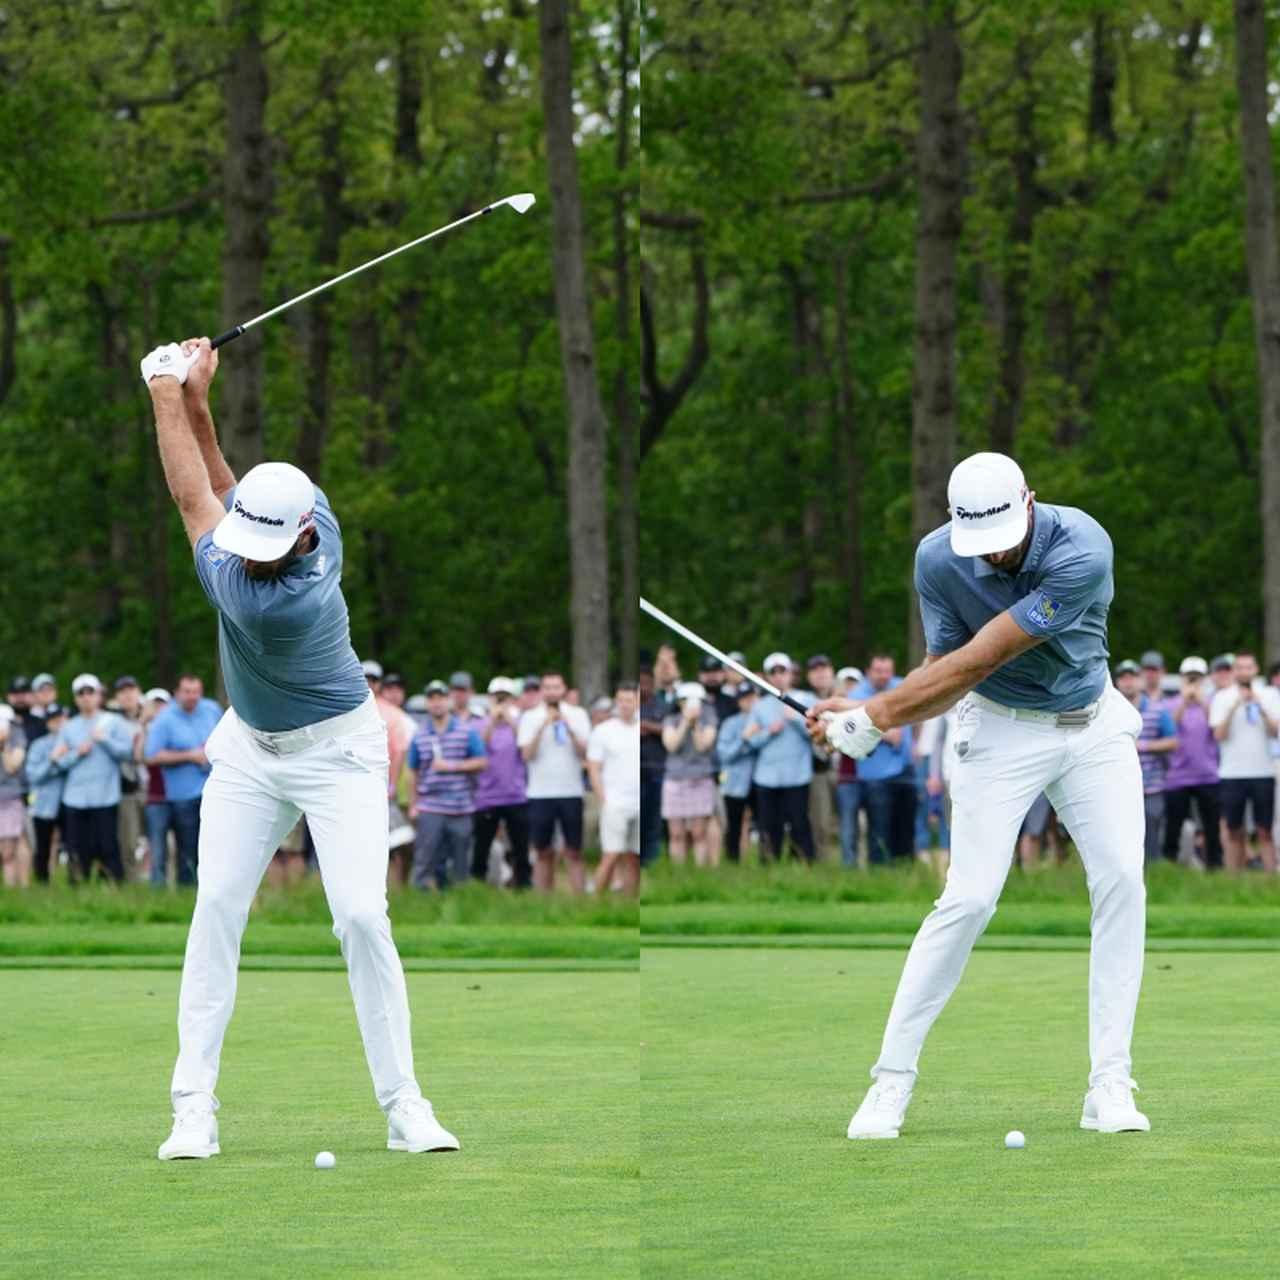 画像: 画像A 手の位置が高く体から遠いアップライトなトップから体との距離が変わらずに切り返すことで体の回転に沿って動くことからクラブの軌道が安定する(写真は2019年の全米オープン 写真/姉崎正)